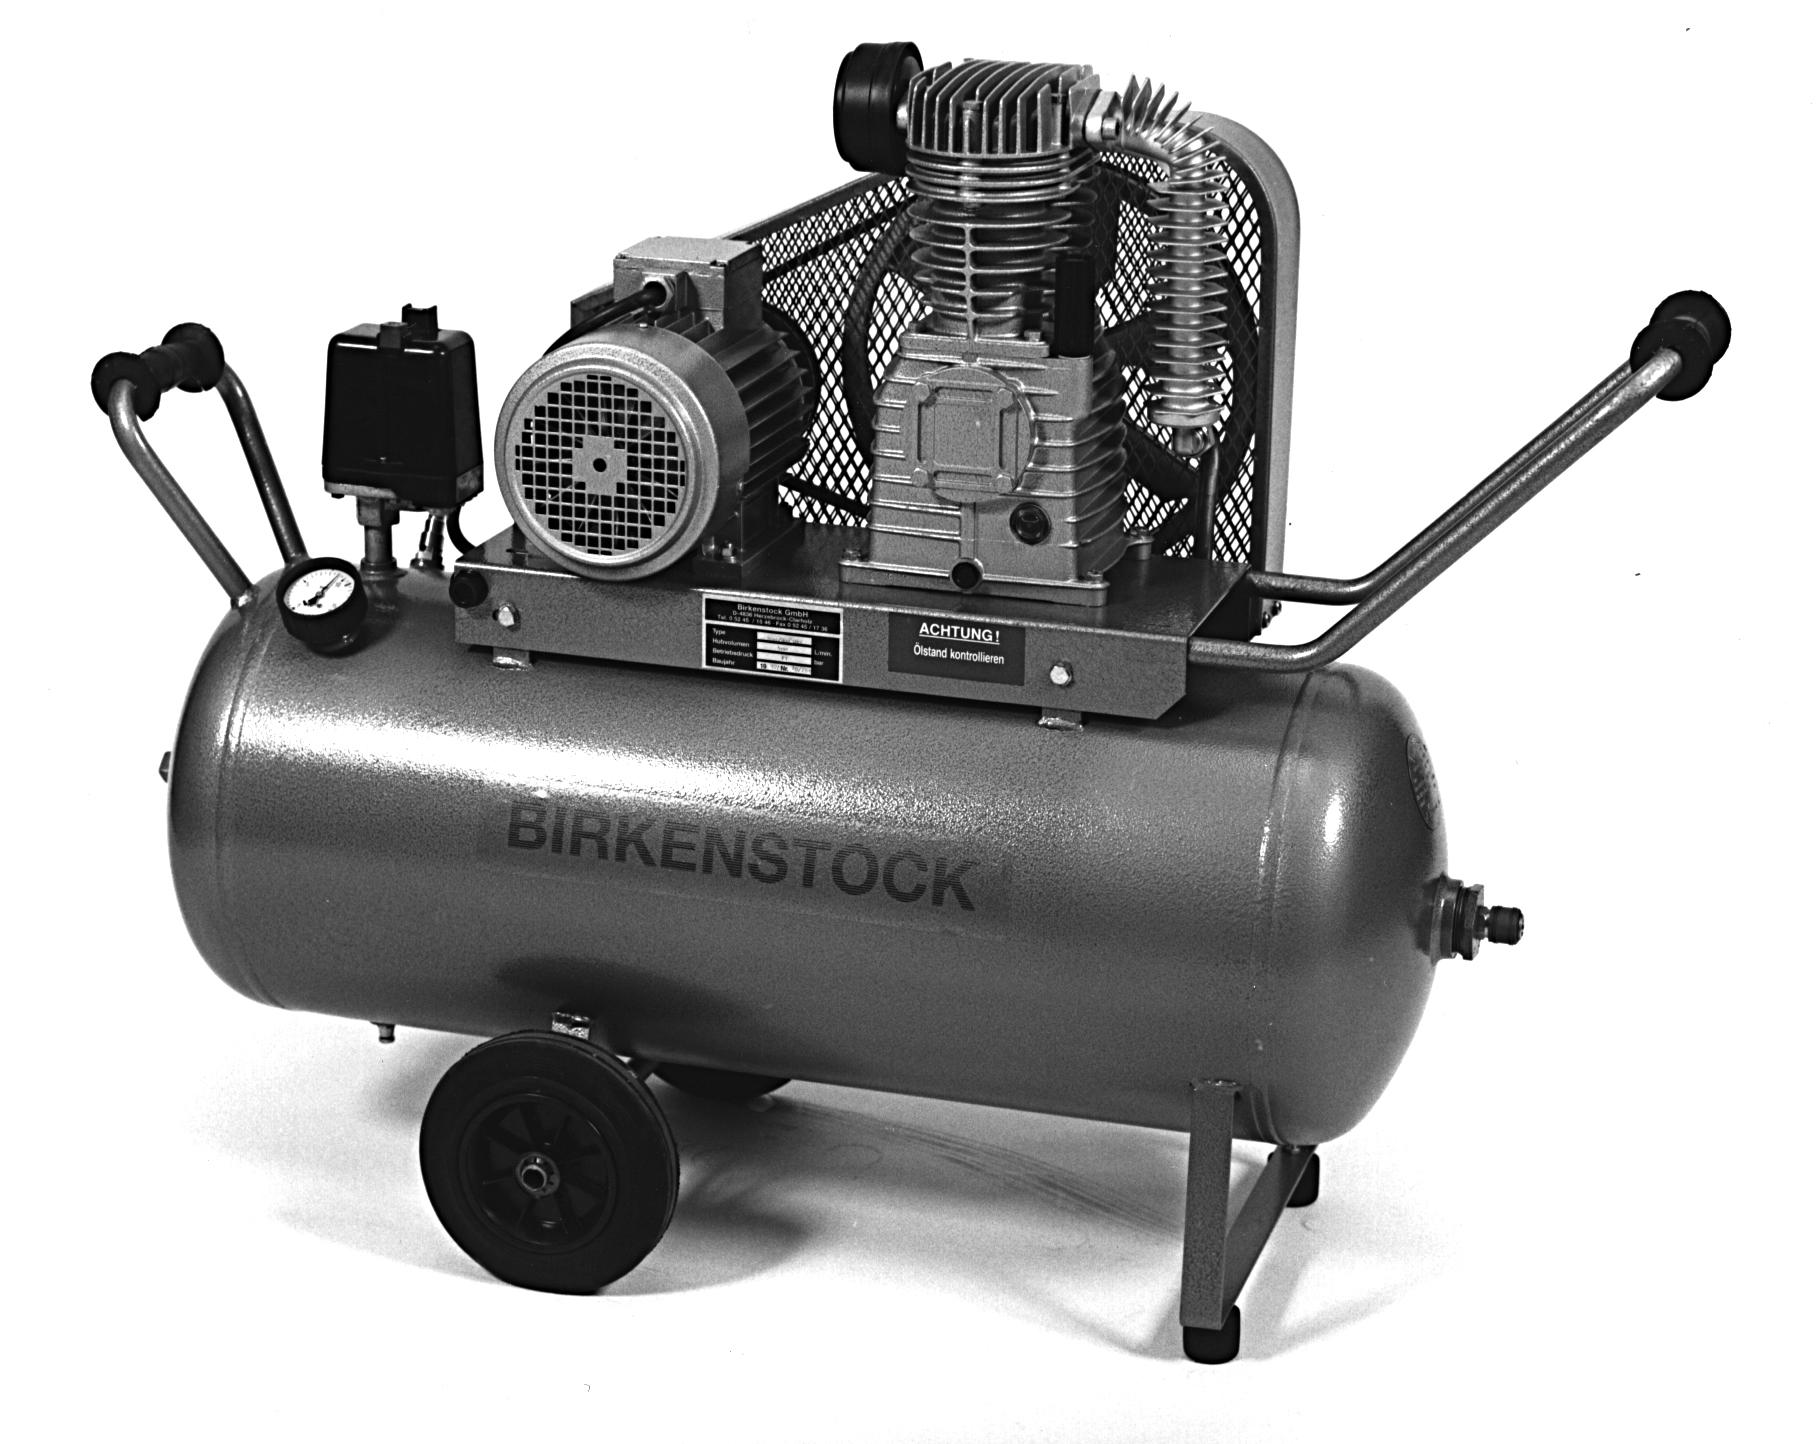 birkenstock kompressor k18 500 90 400 denner. Black Bedroom Furniture Sets. Home Design Ideas